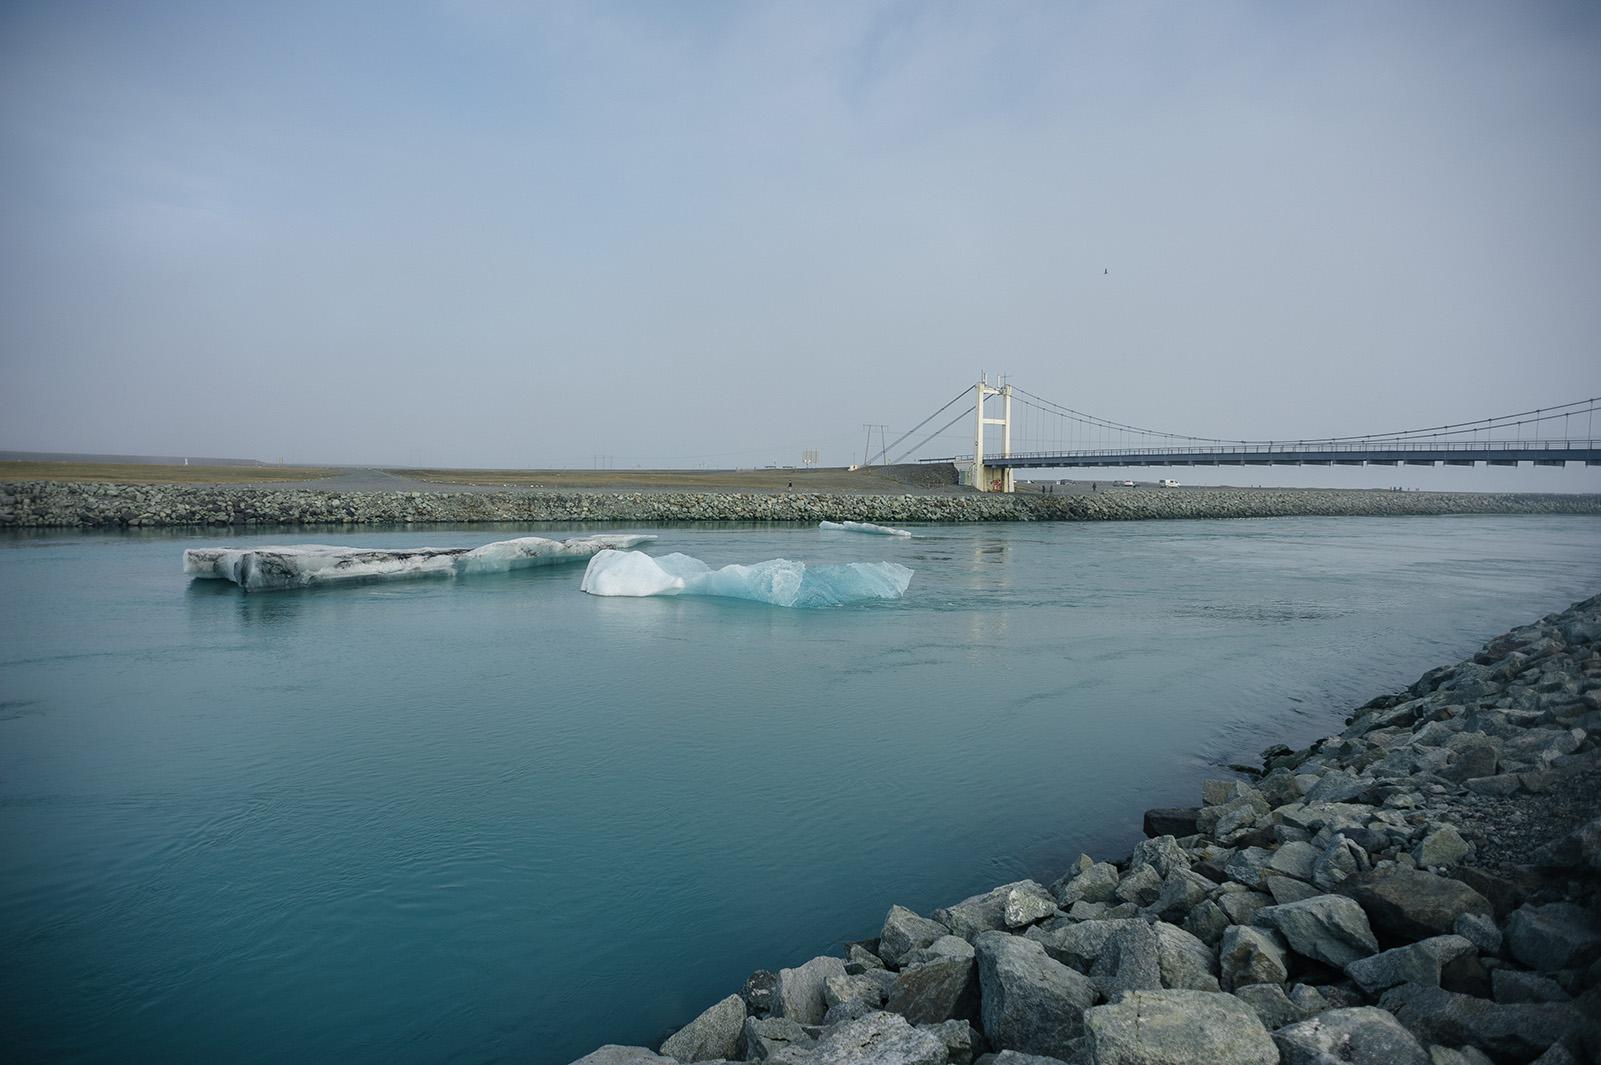 Lake Jökulsárlón - самая большая ледниковая лагуна в Исландии и однополосный мост.